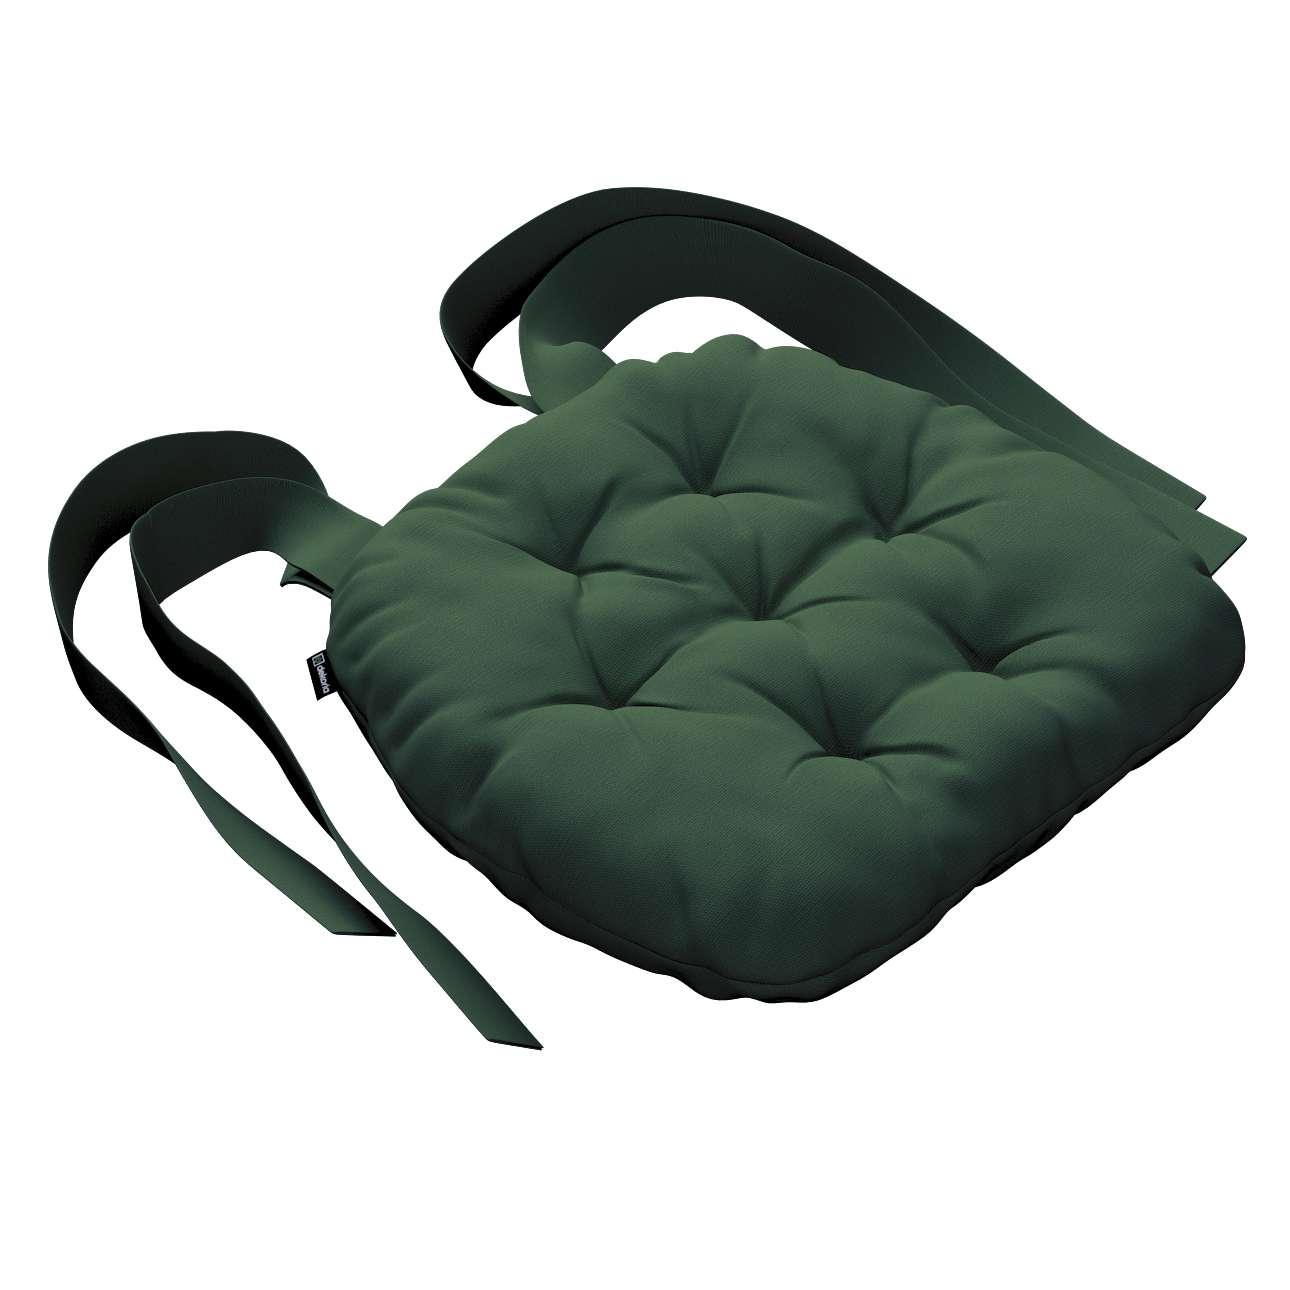 Siedzisko Marcin na krzesło 40x37x8cm w kolekcji Cotton Panama, tkanina: 702-06